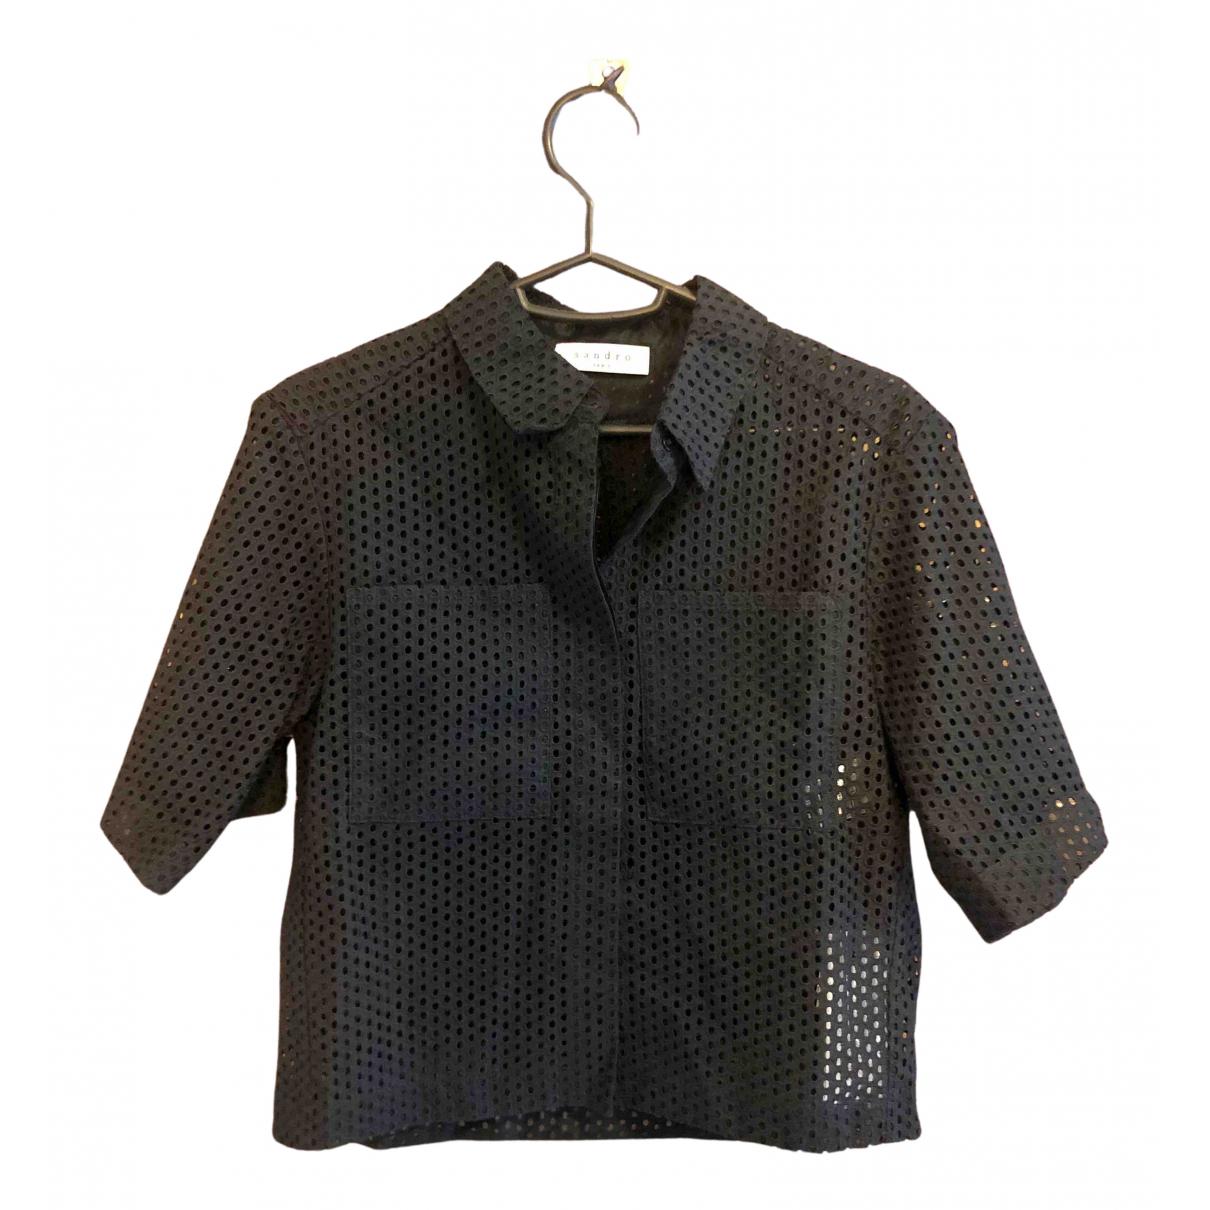 Sandro - Top Spring Summer 2020 pour femme en coton - noir